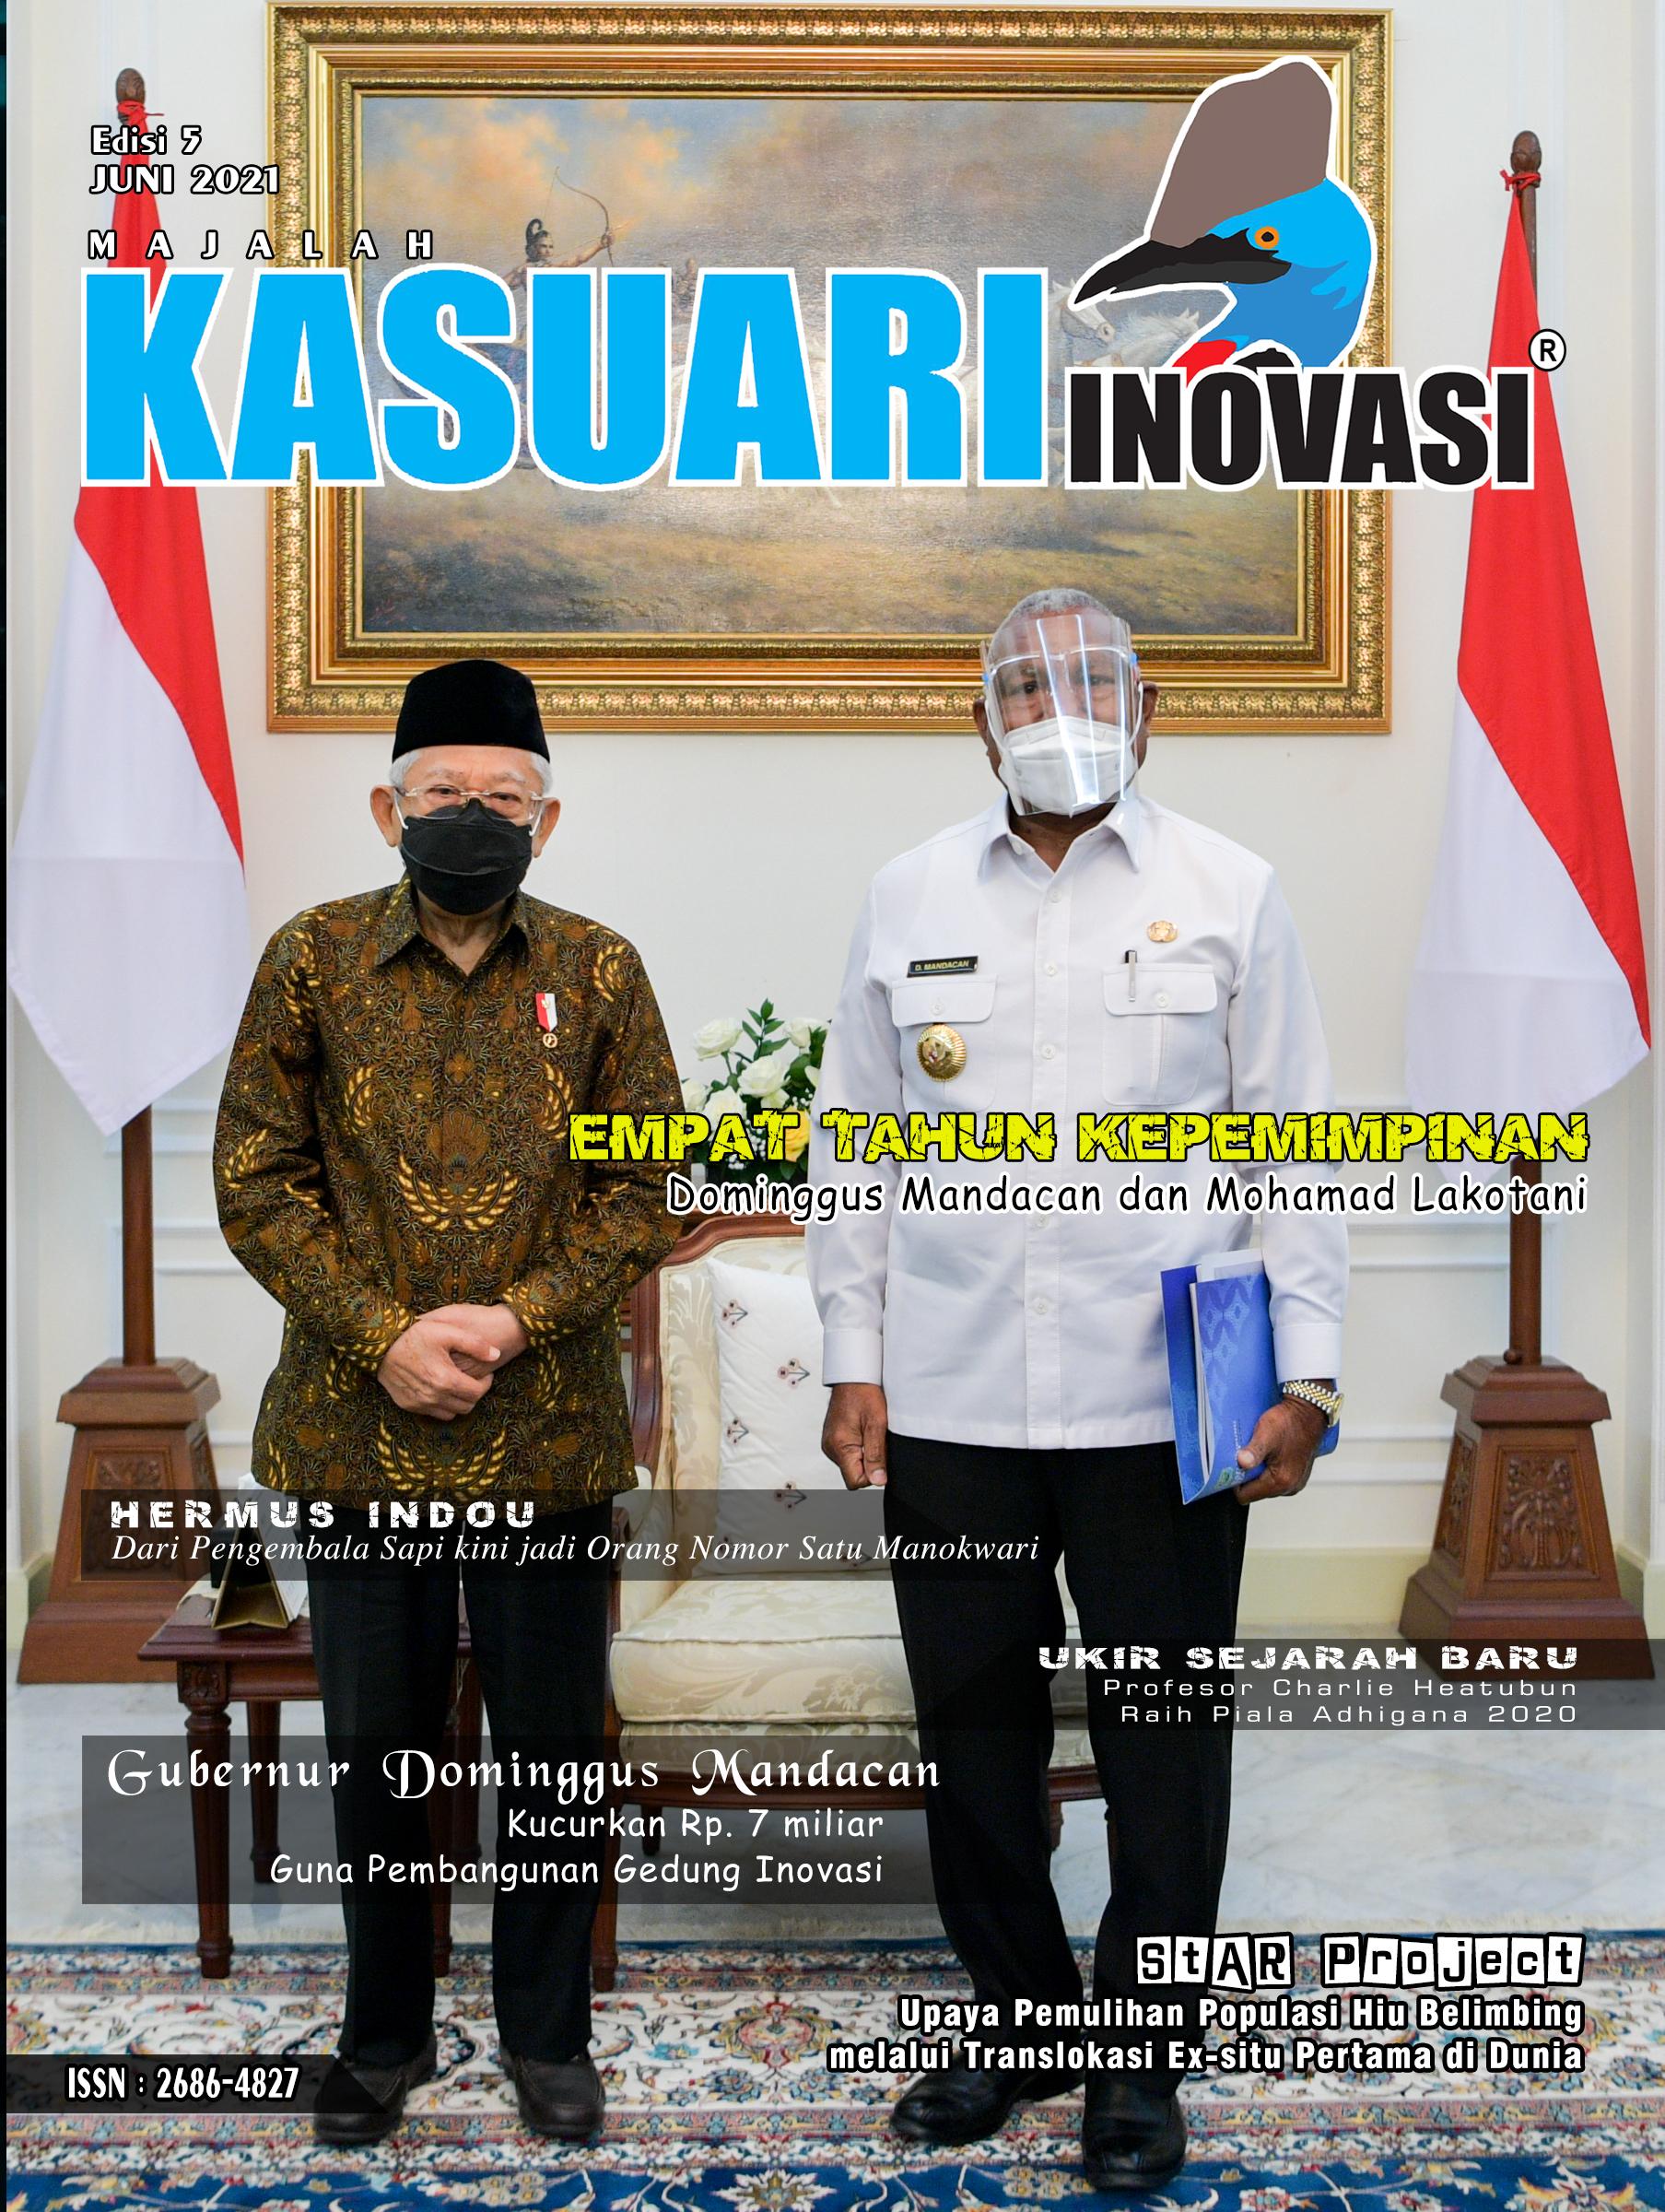 Majalah Kasuari Inovasi Edisi 5